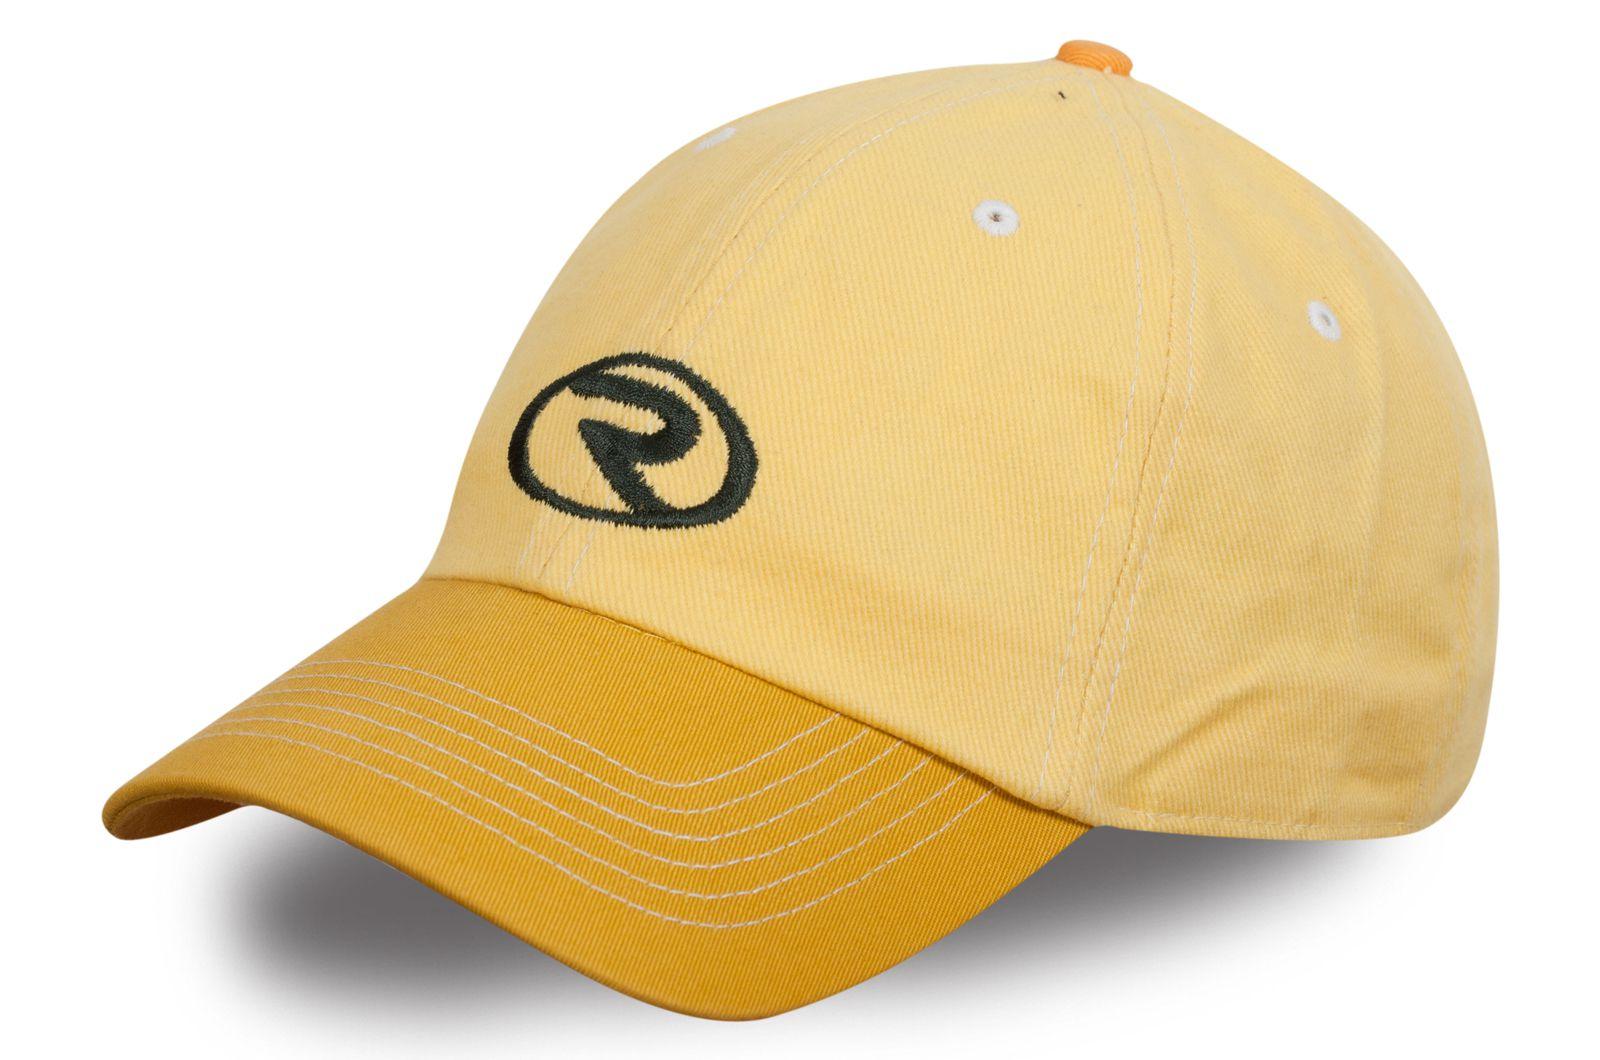 Спортивная желтая бейсболка - купить по выгодной цене